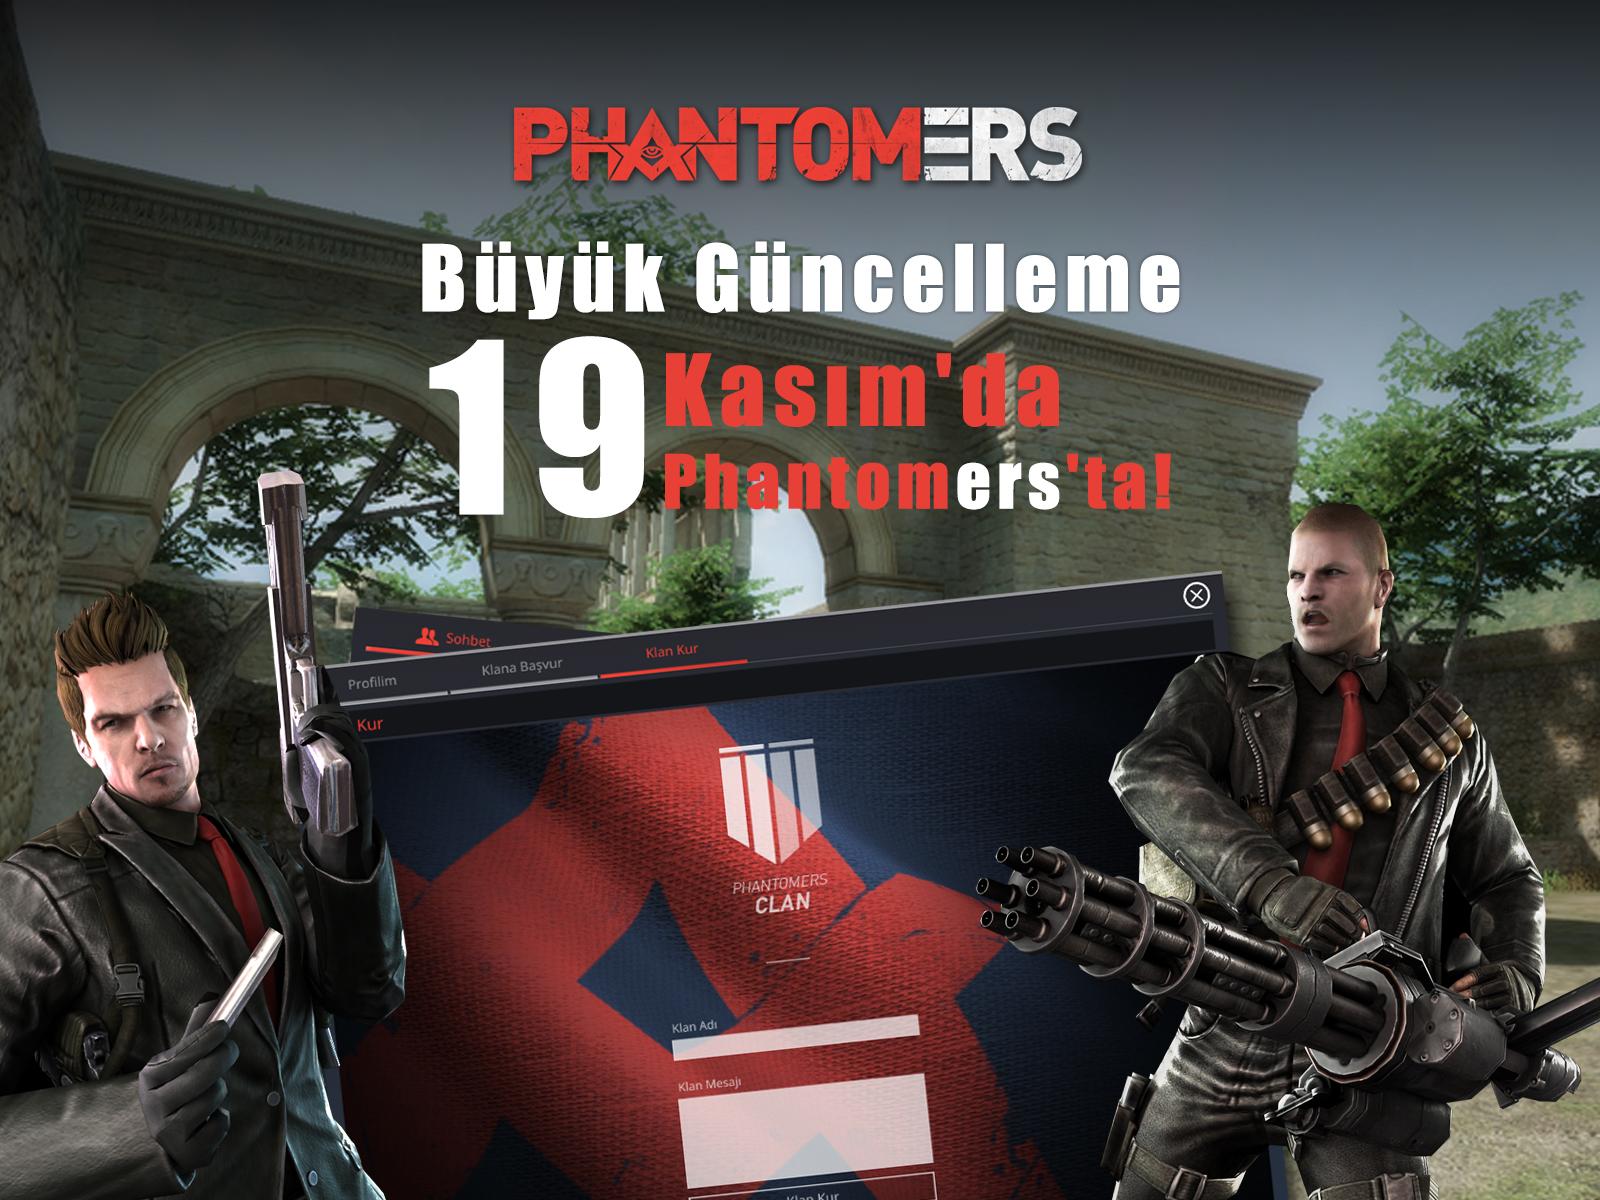 Büyük Güncelleme 19 Kasım'da Phantomers'ta!